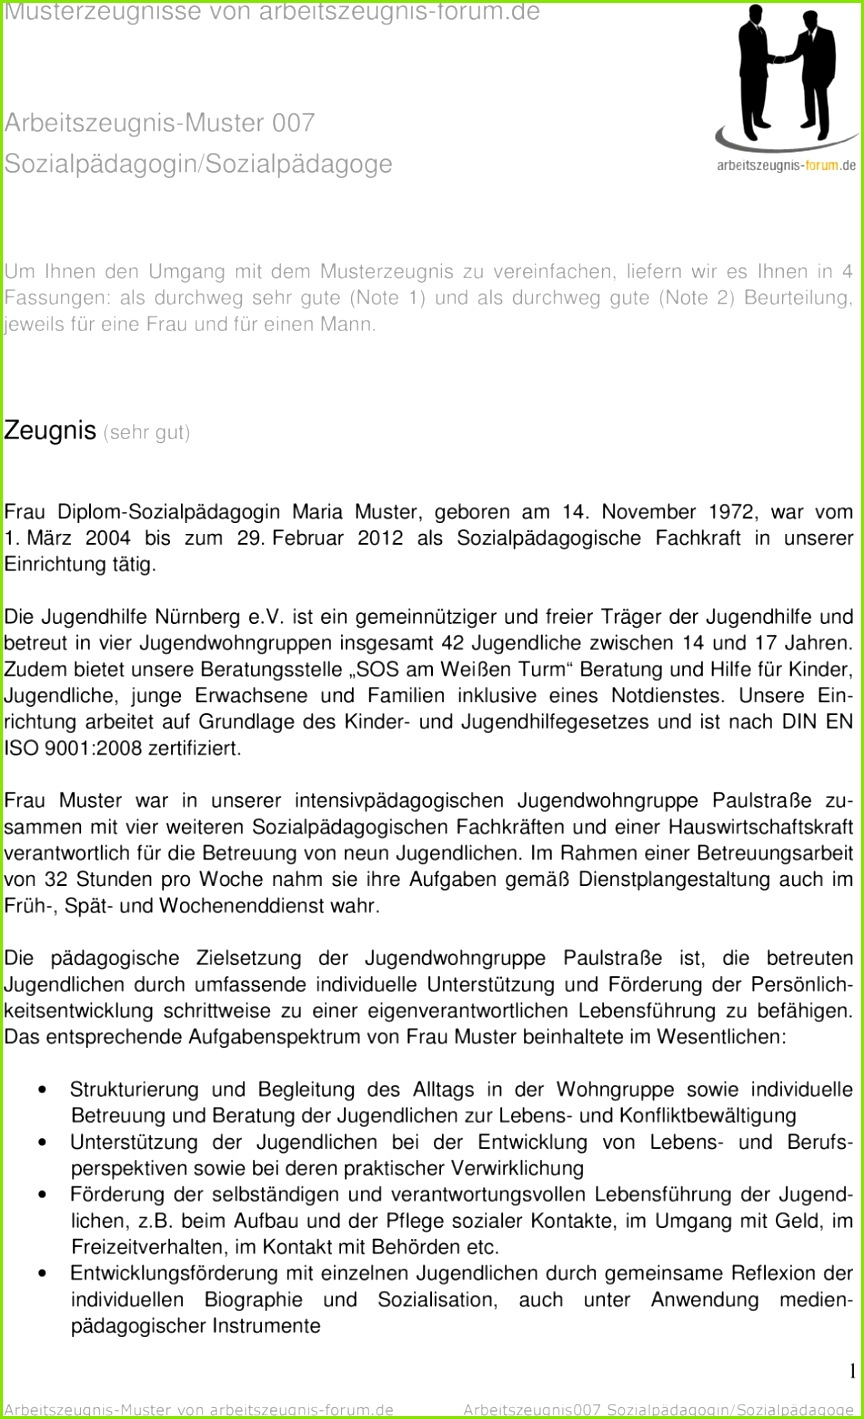 Besondere Bewerbungsanschreiben Vorlage Sozialpädagoge Arbeitszeugnis Muster Arbeitszeugnis Forum De